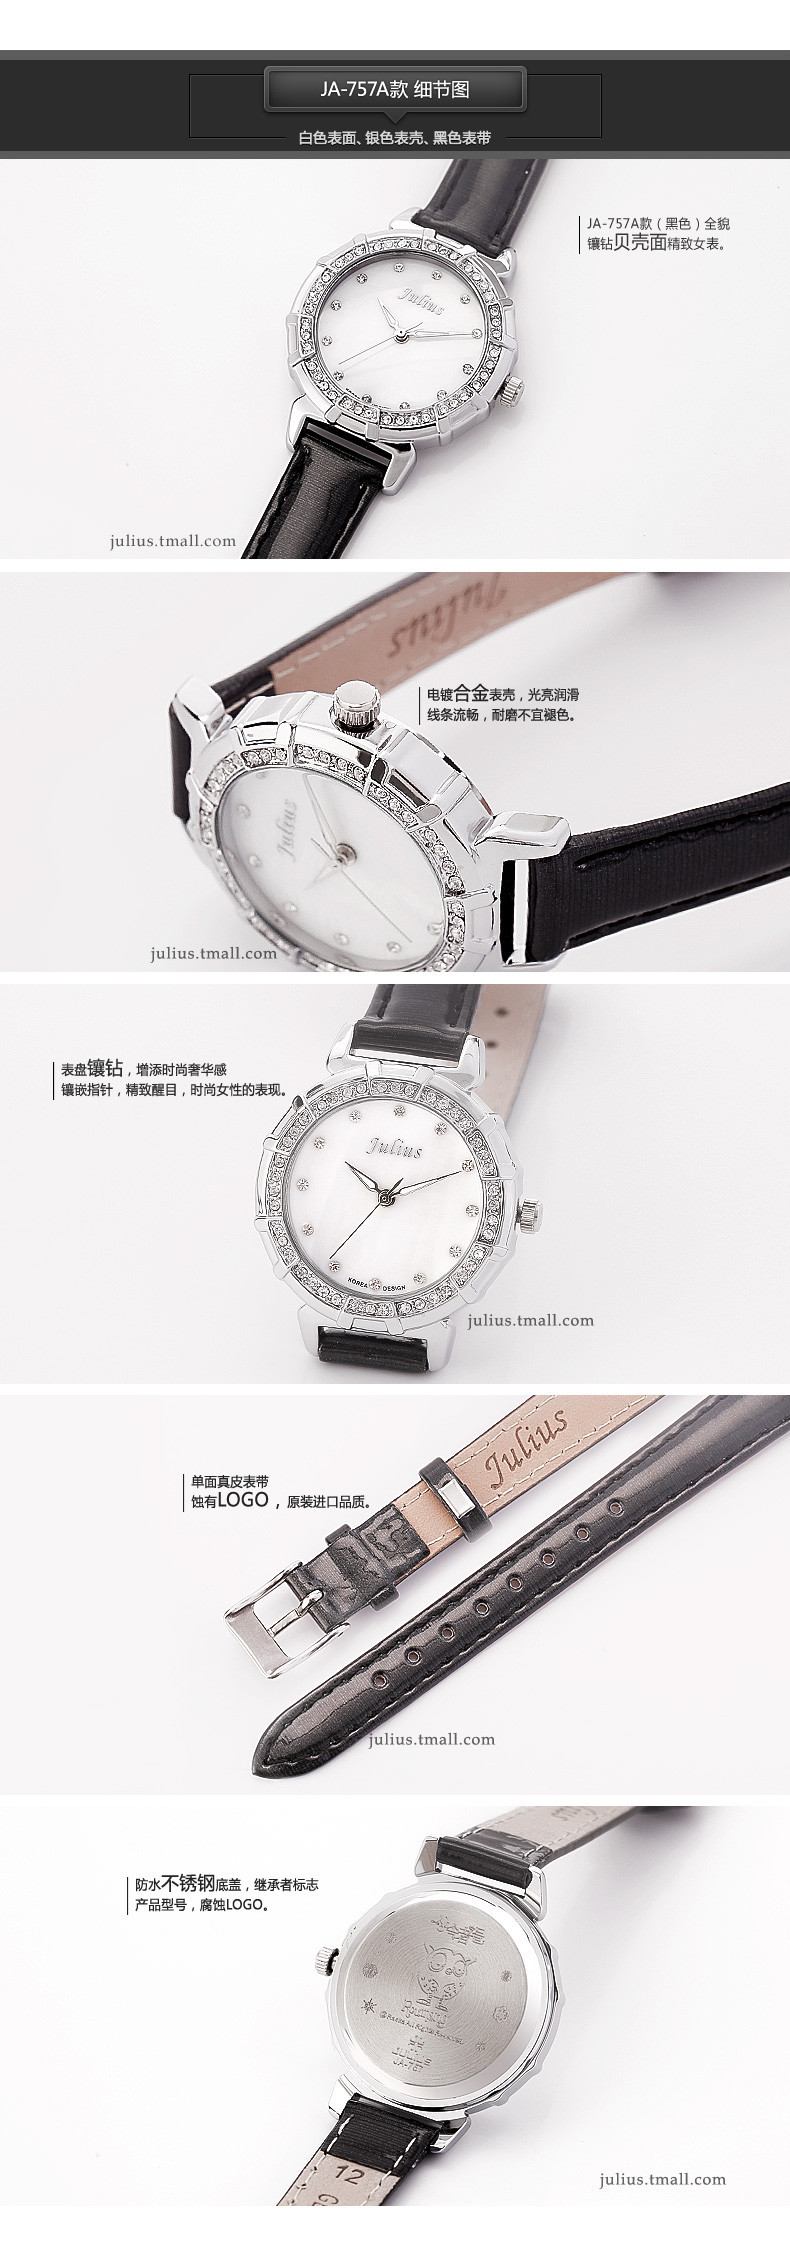 Юлий леди женщины наручные часы кварцевых часов лучший мода платье корея оболочки кожаный браслет девушка подарок JA757